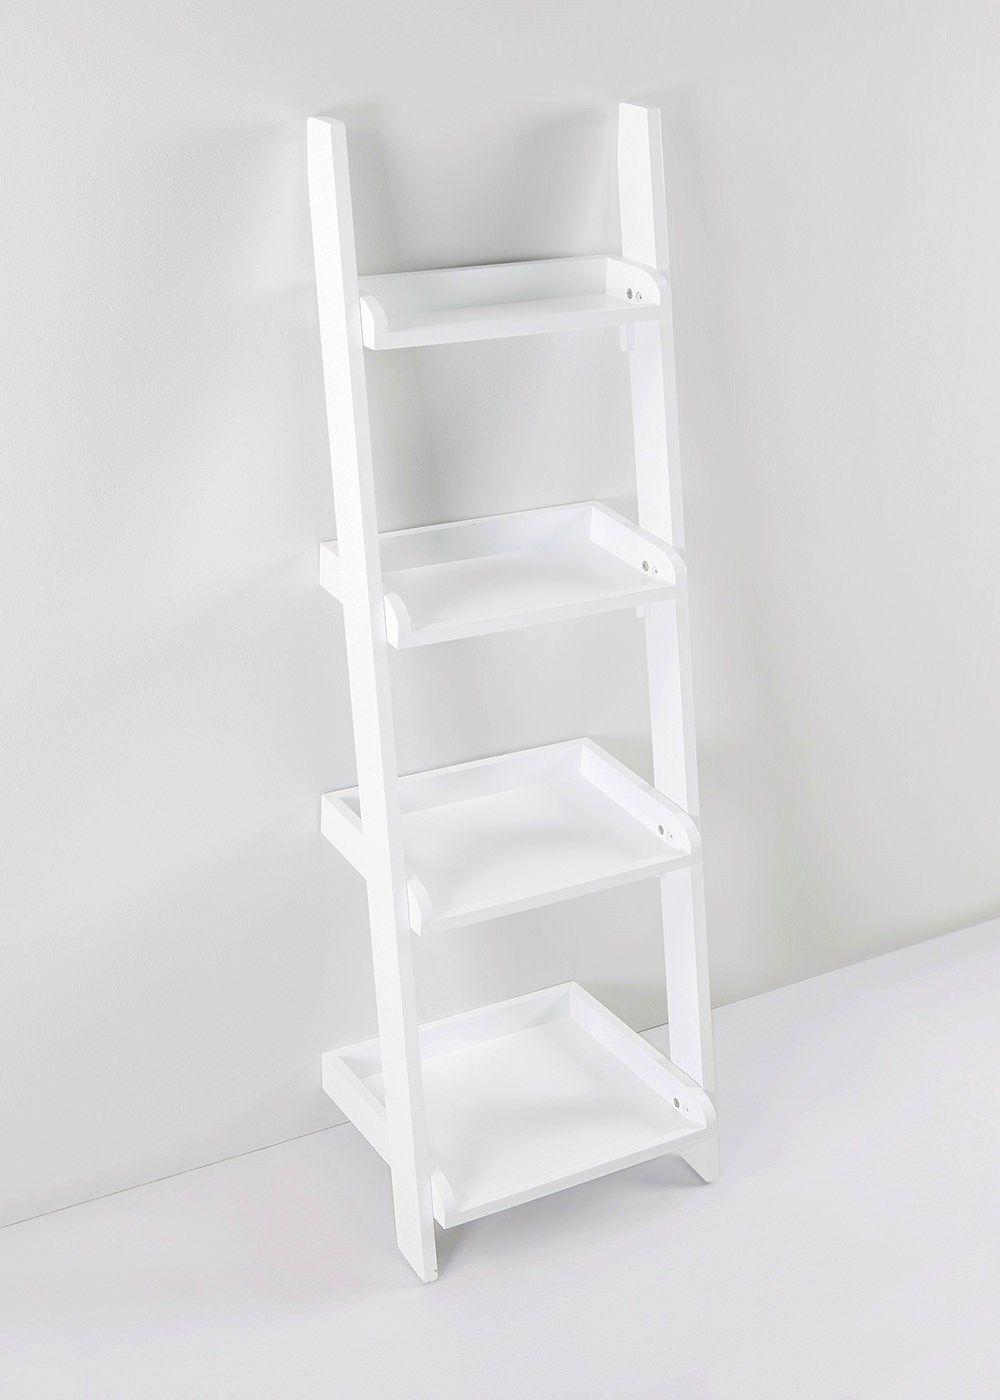 4 Shelf Storage Ladder Unit 129cm X 41cm X 33cm New